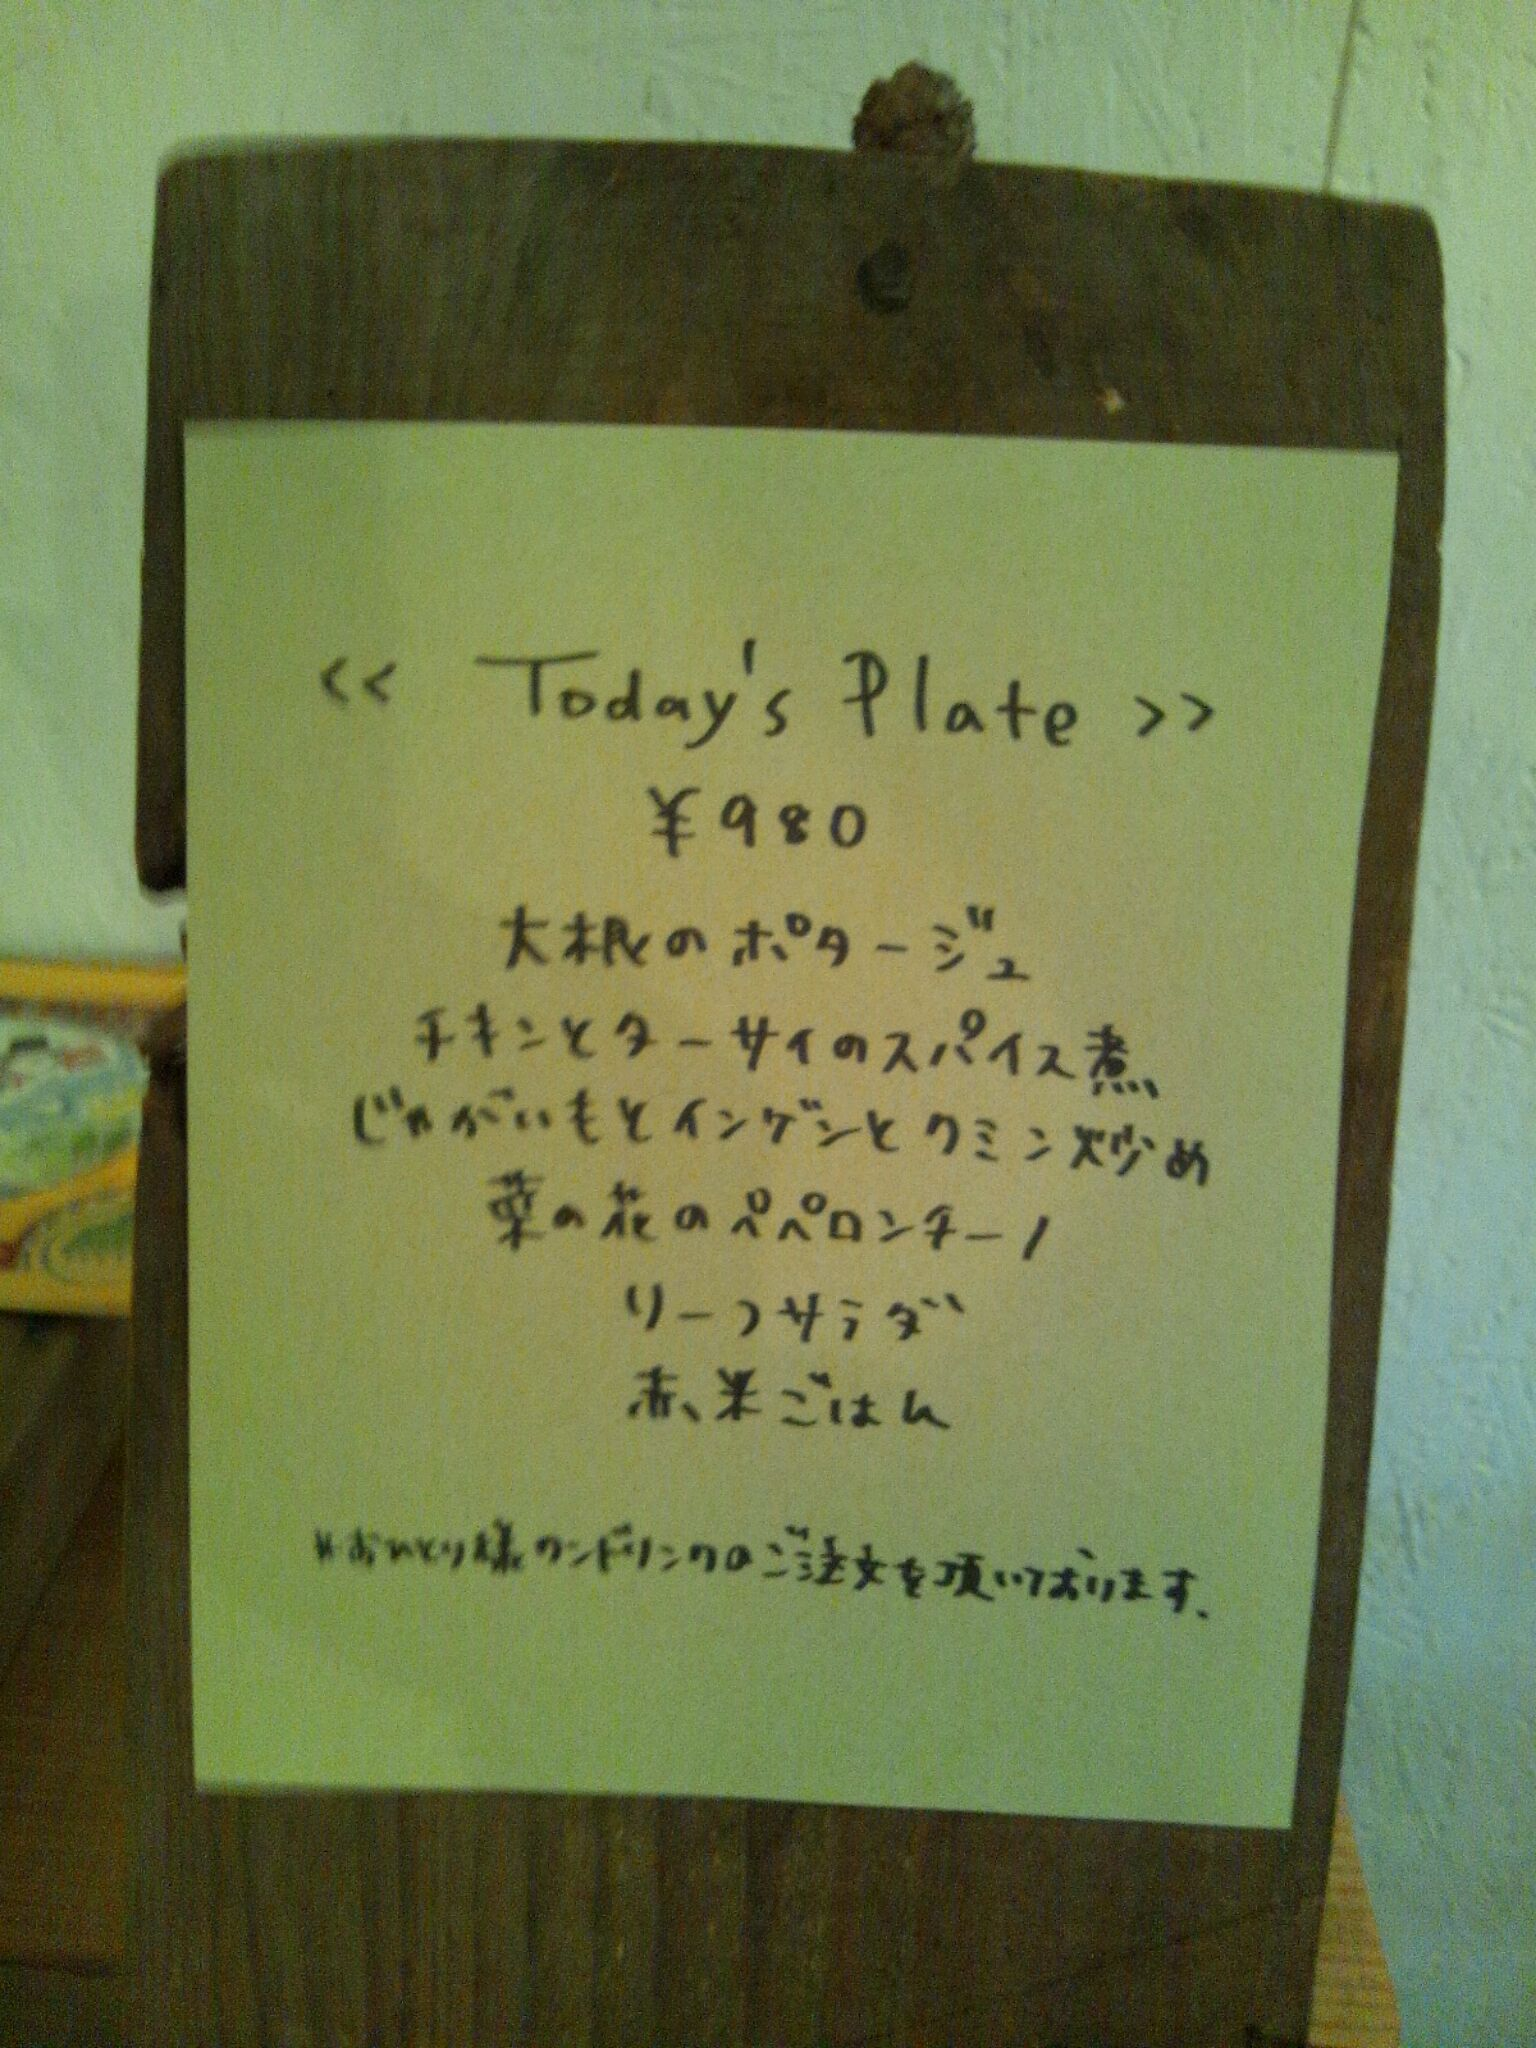 guzuri珈琲店